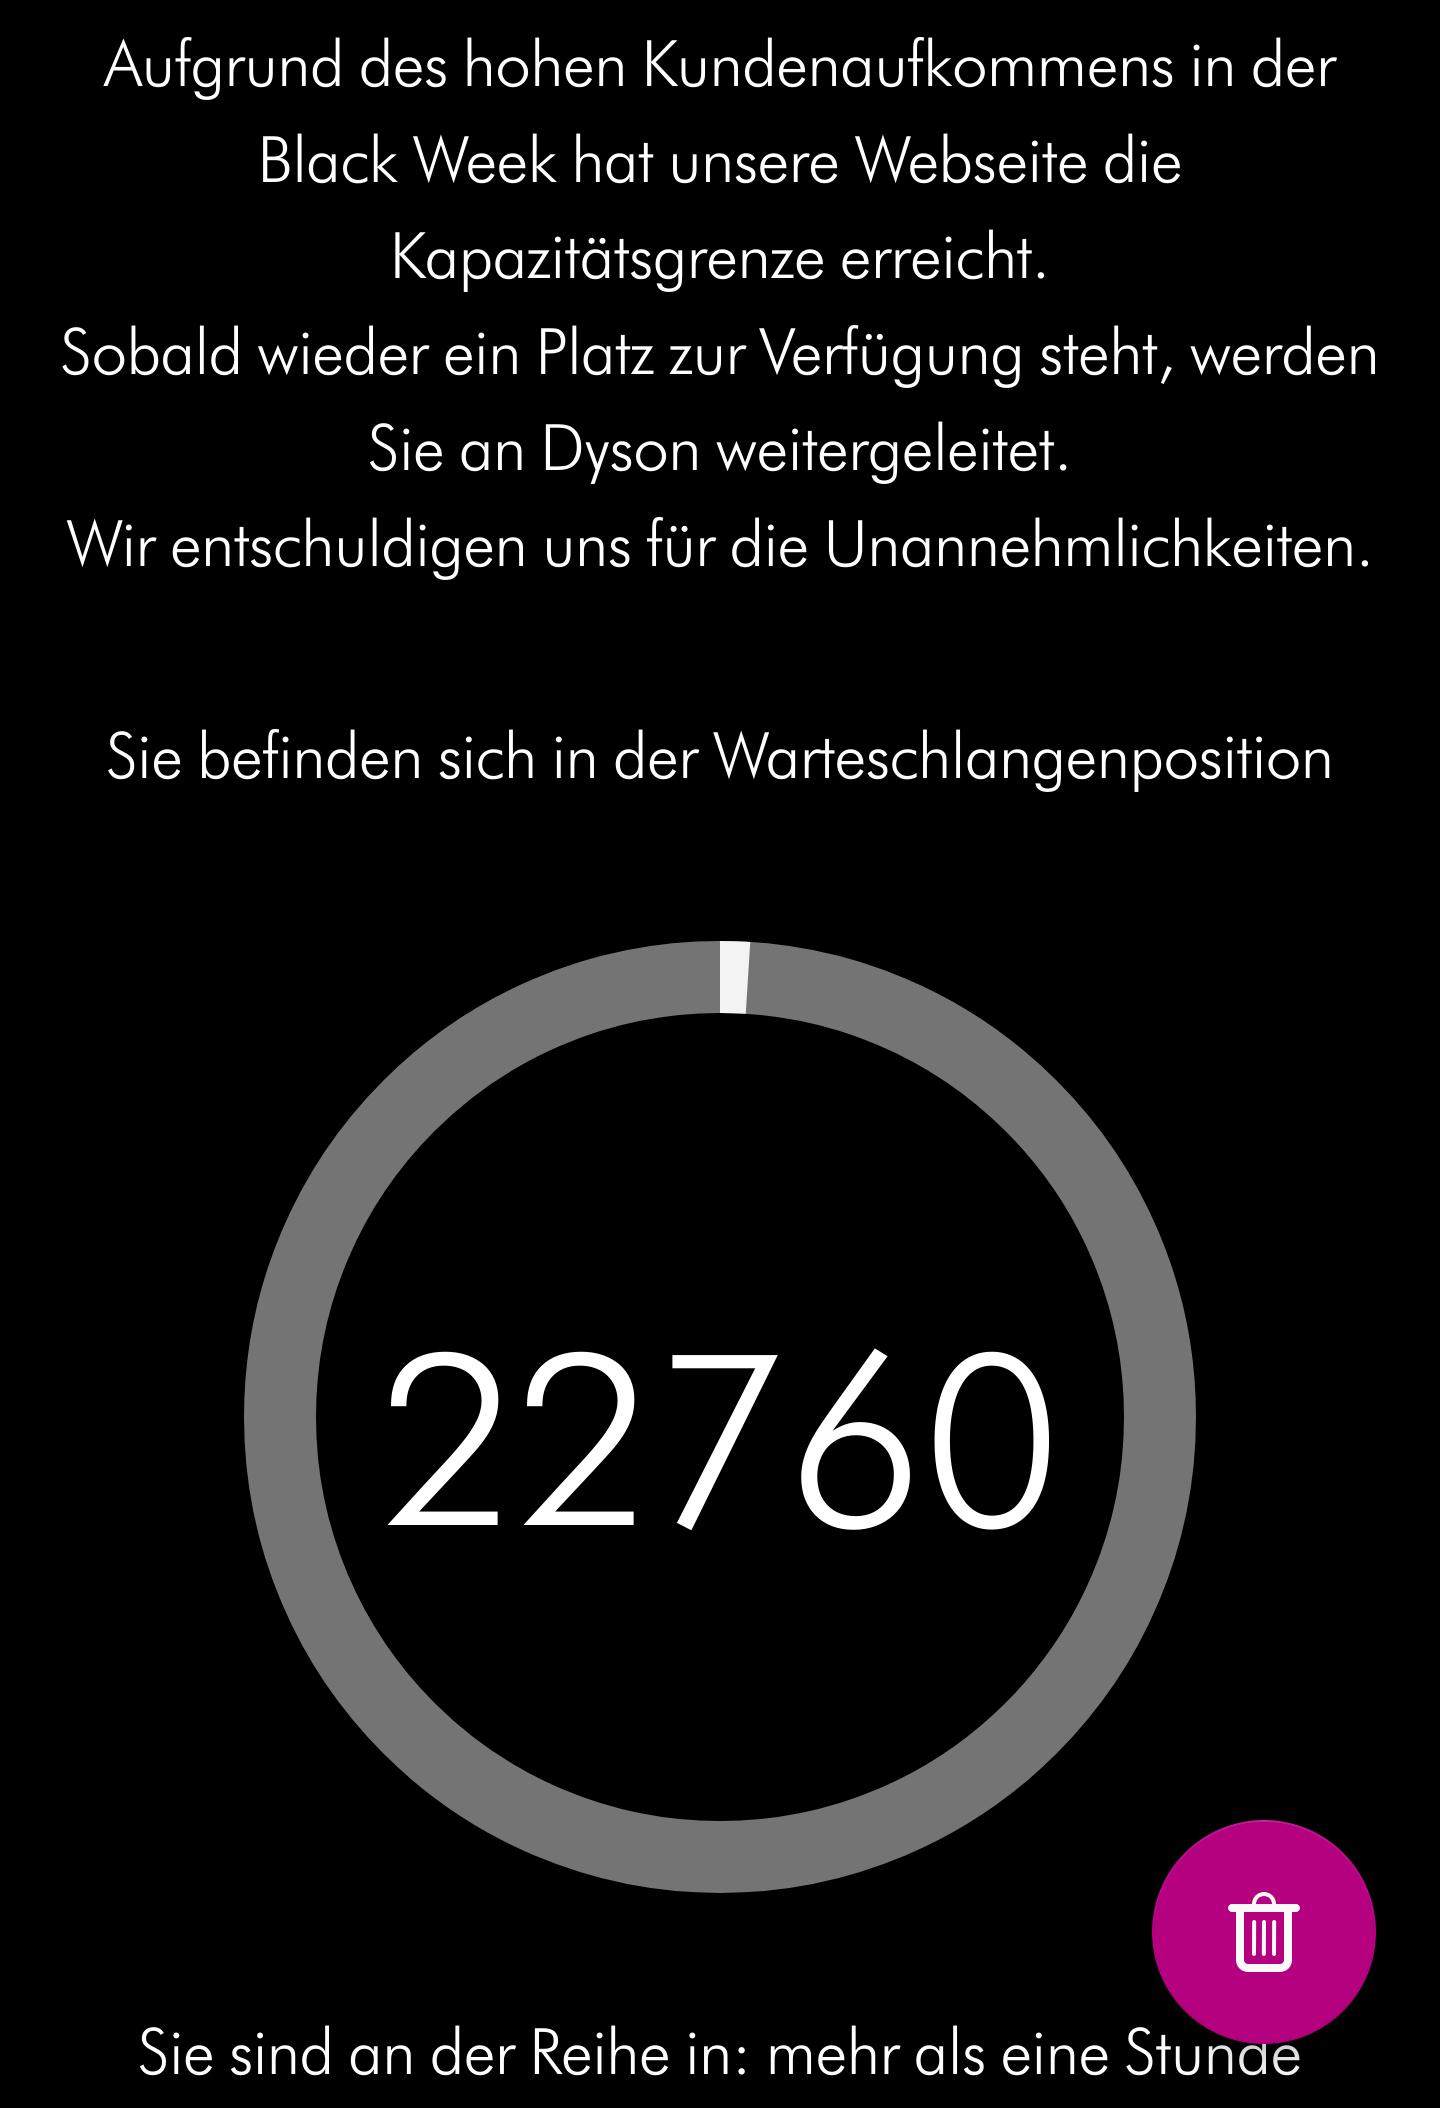 23819488-4zayk.jpg